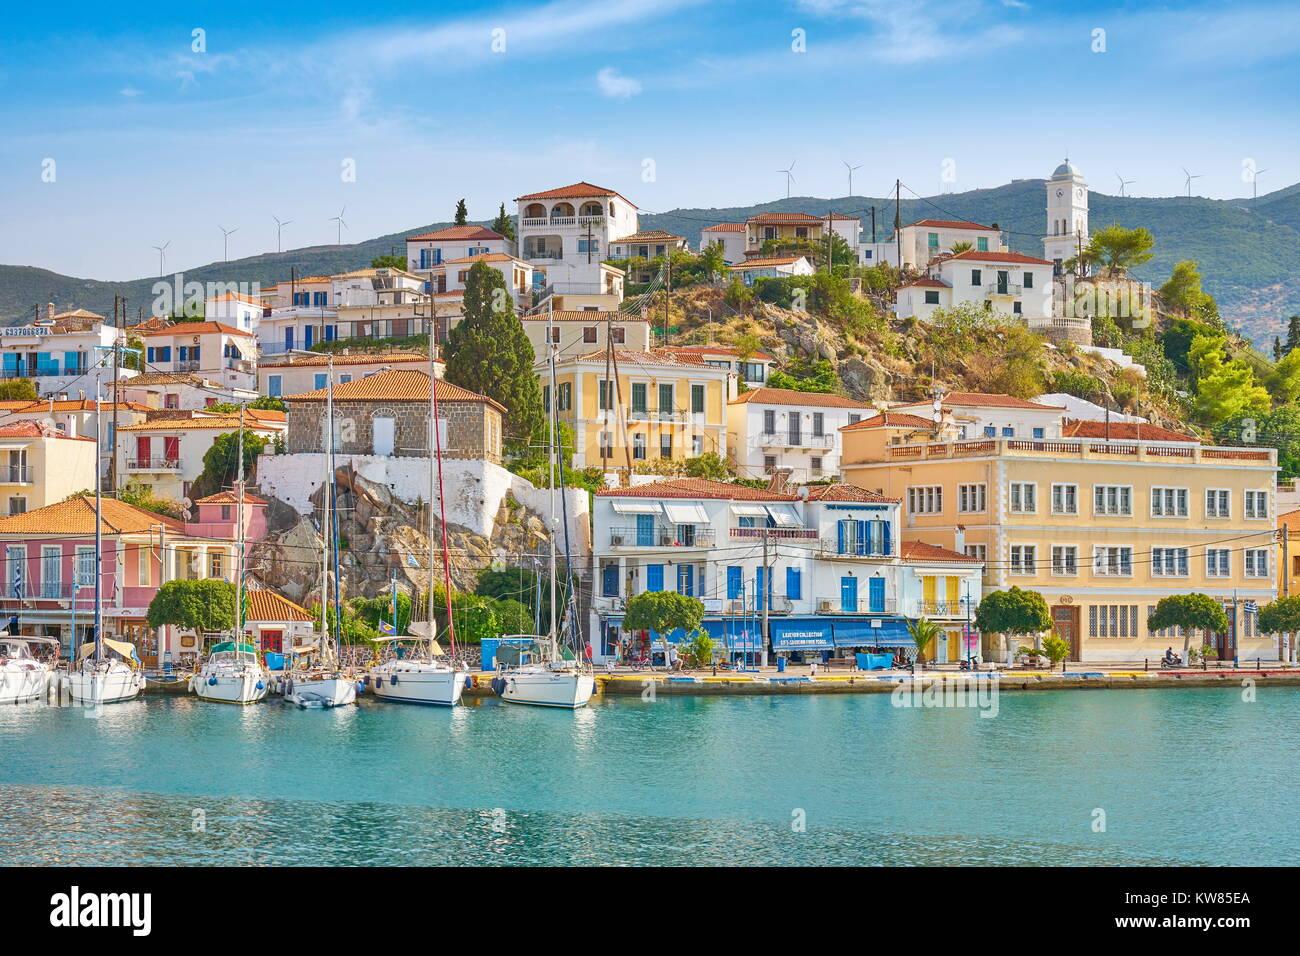 L'île de Poros, Argolide, Péloponnèse, Grèce Photo Stock